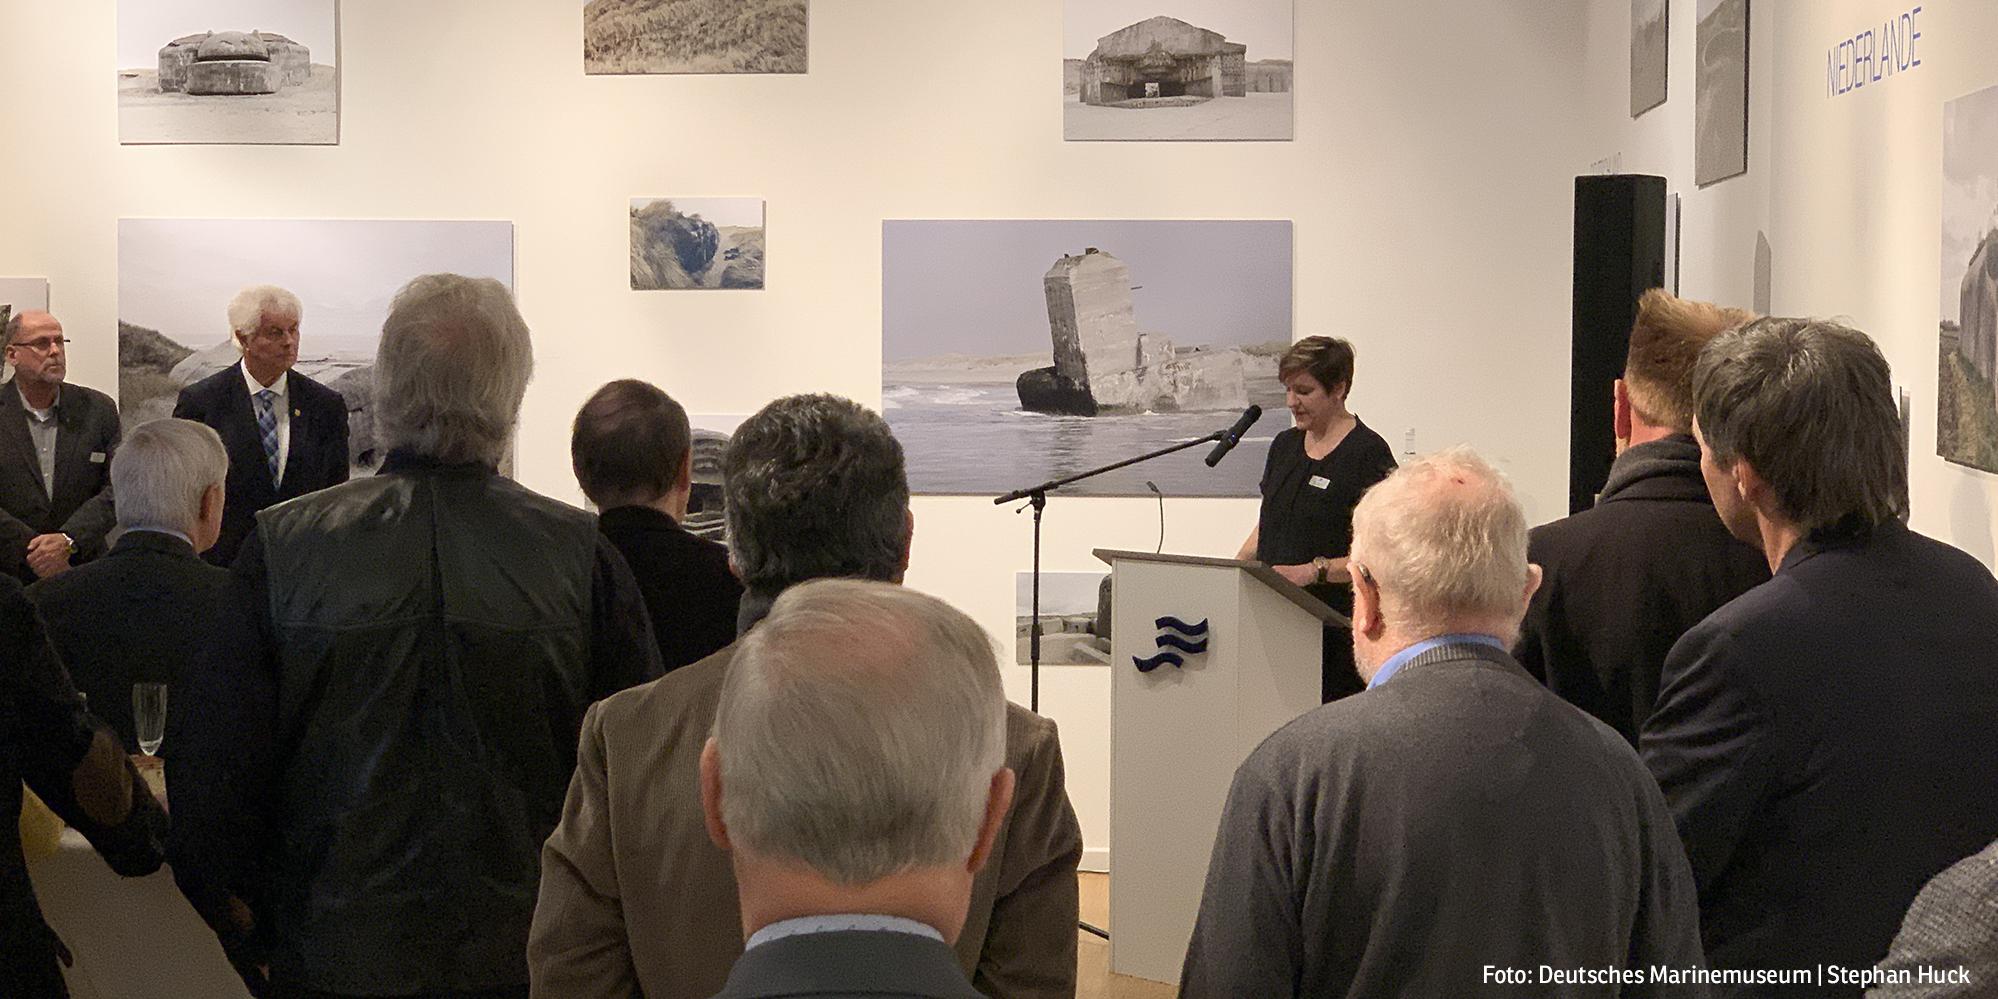 Sammlungsleiterin Nina Nustede führt in die Ausstellung ein (Foto: Deutsches Marinemuseum, Stephan Huck)